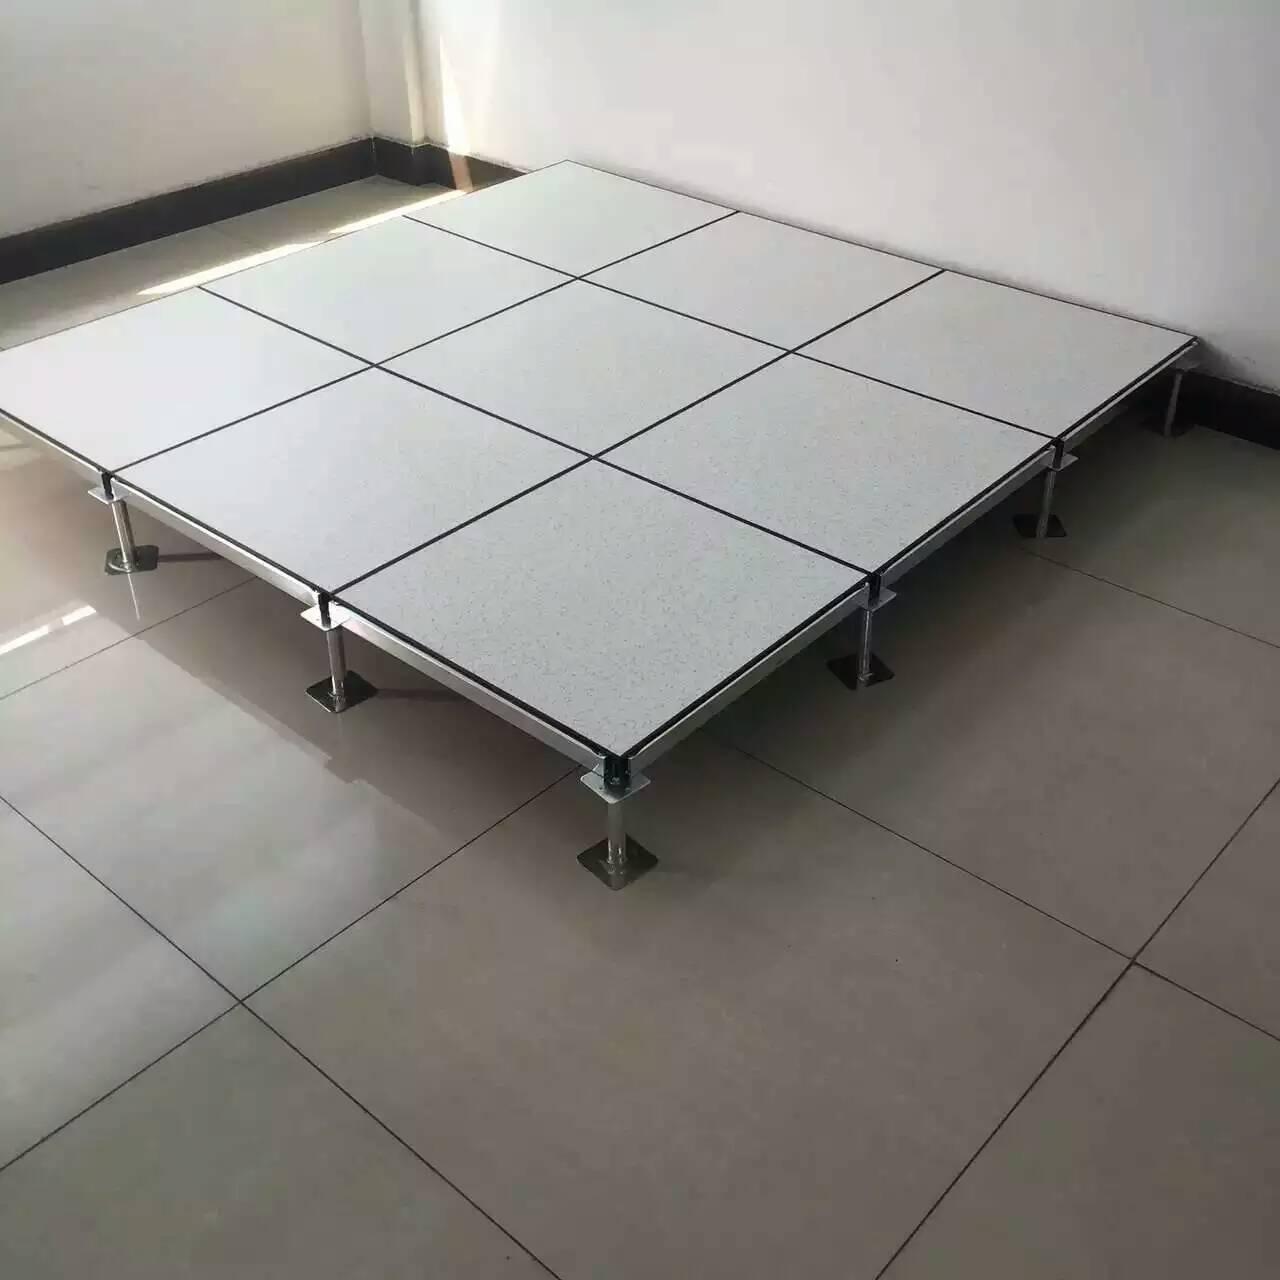 沈阳防静电地板批发采购沈阳静电地板厂家直销